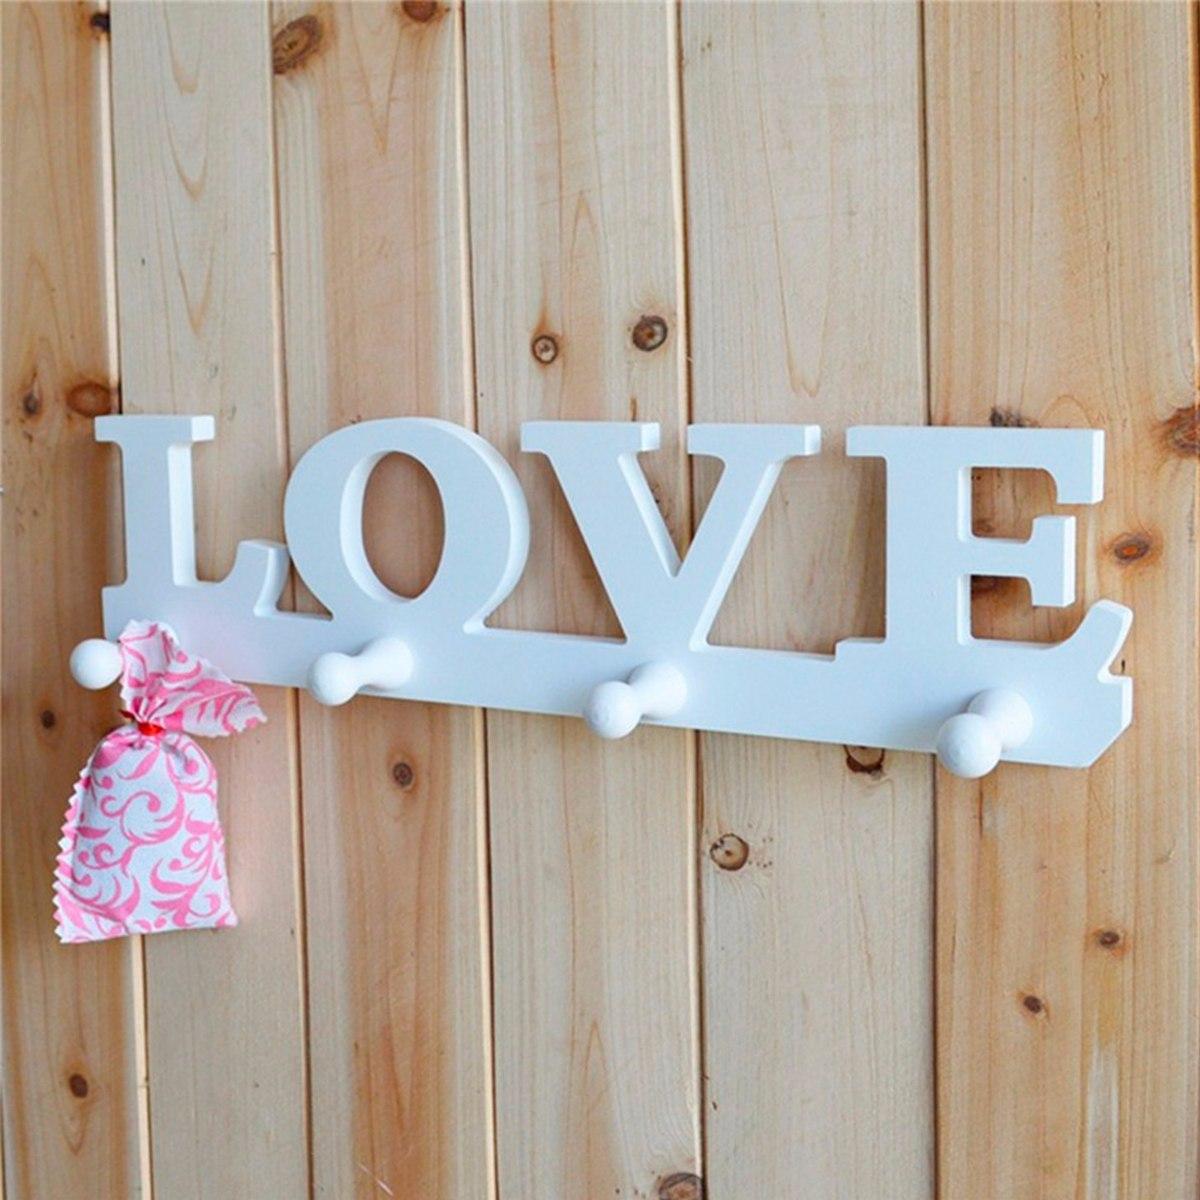 Llavero perchero porta llaves con palabra love blanco h4079 en mercado libre - Porta llaves pared ...